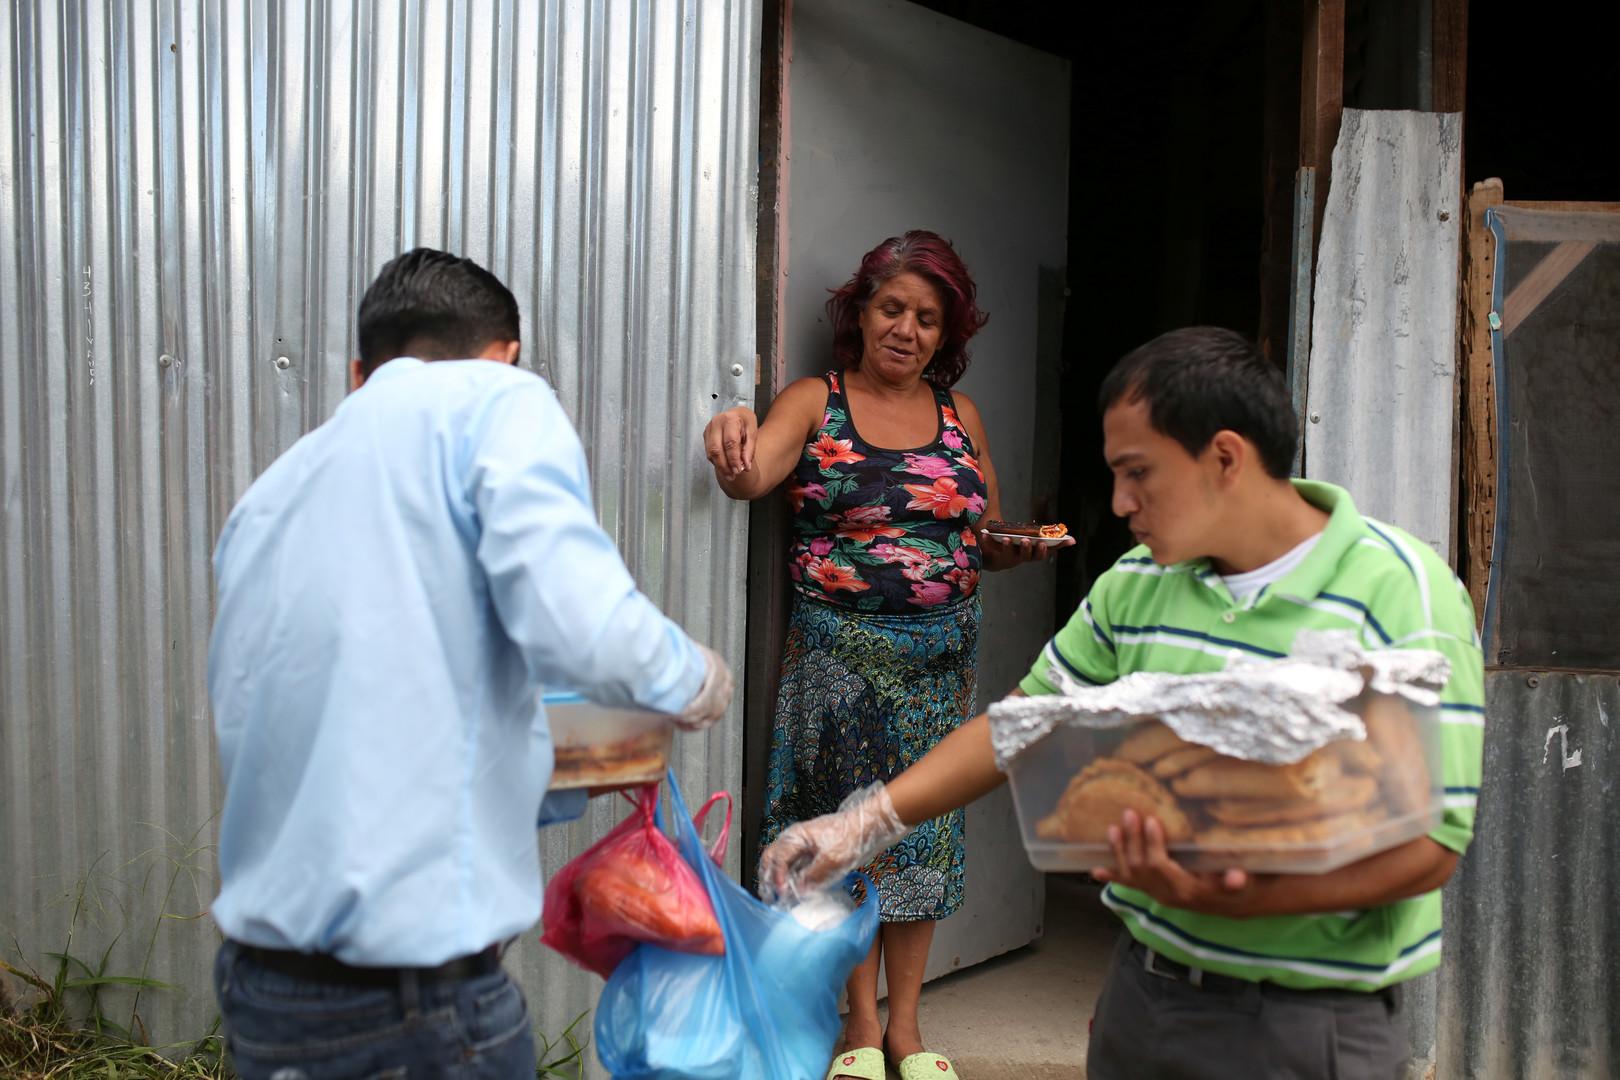 """Roberto Renderos (links) and Joseph Ramirez, Mitglieder der """"Huellas de Esperanza"""" (Spuren der Hoffnung), verkaufen Brot in San Salvador, El Salvador, 15. Dezember 2017."""